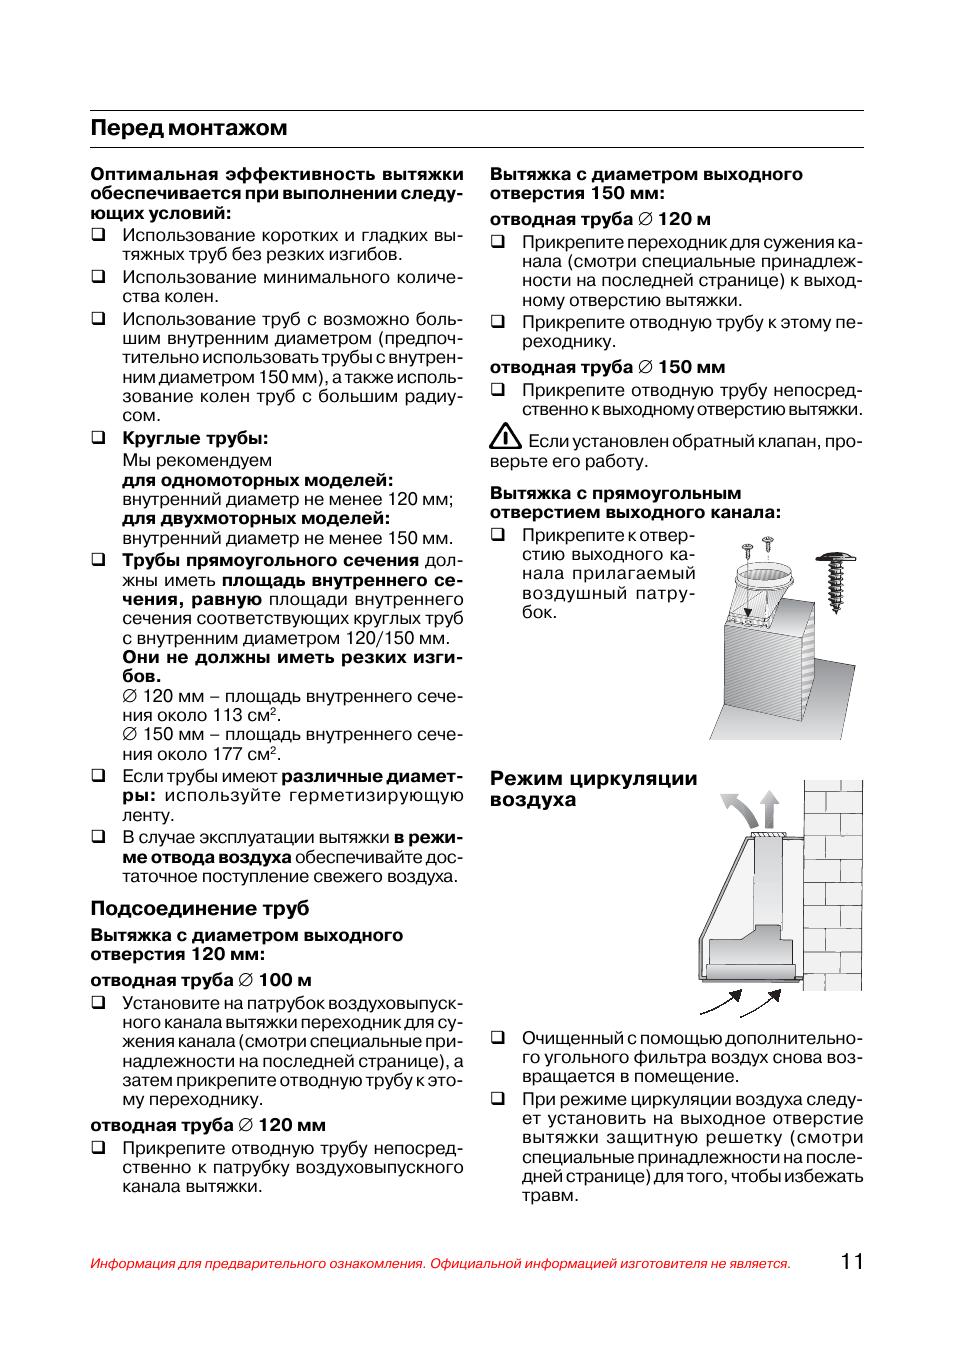 Электрическая схема вытяжки для кухни